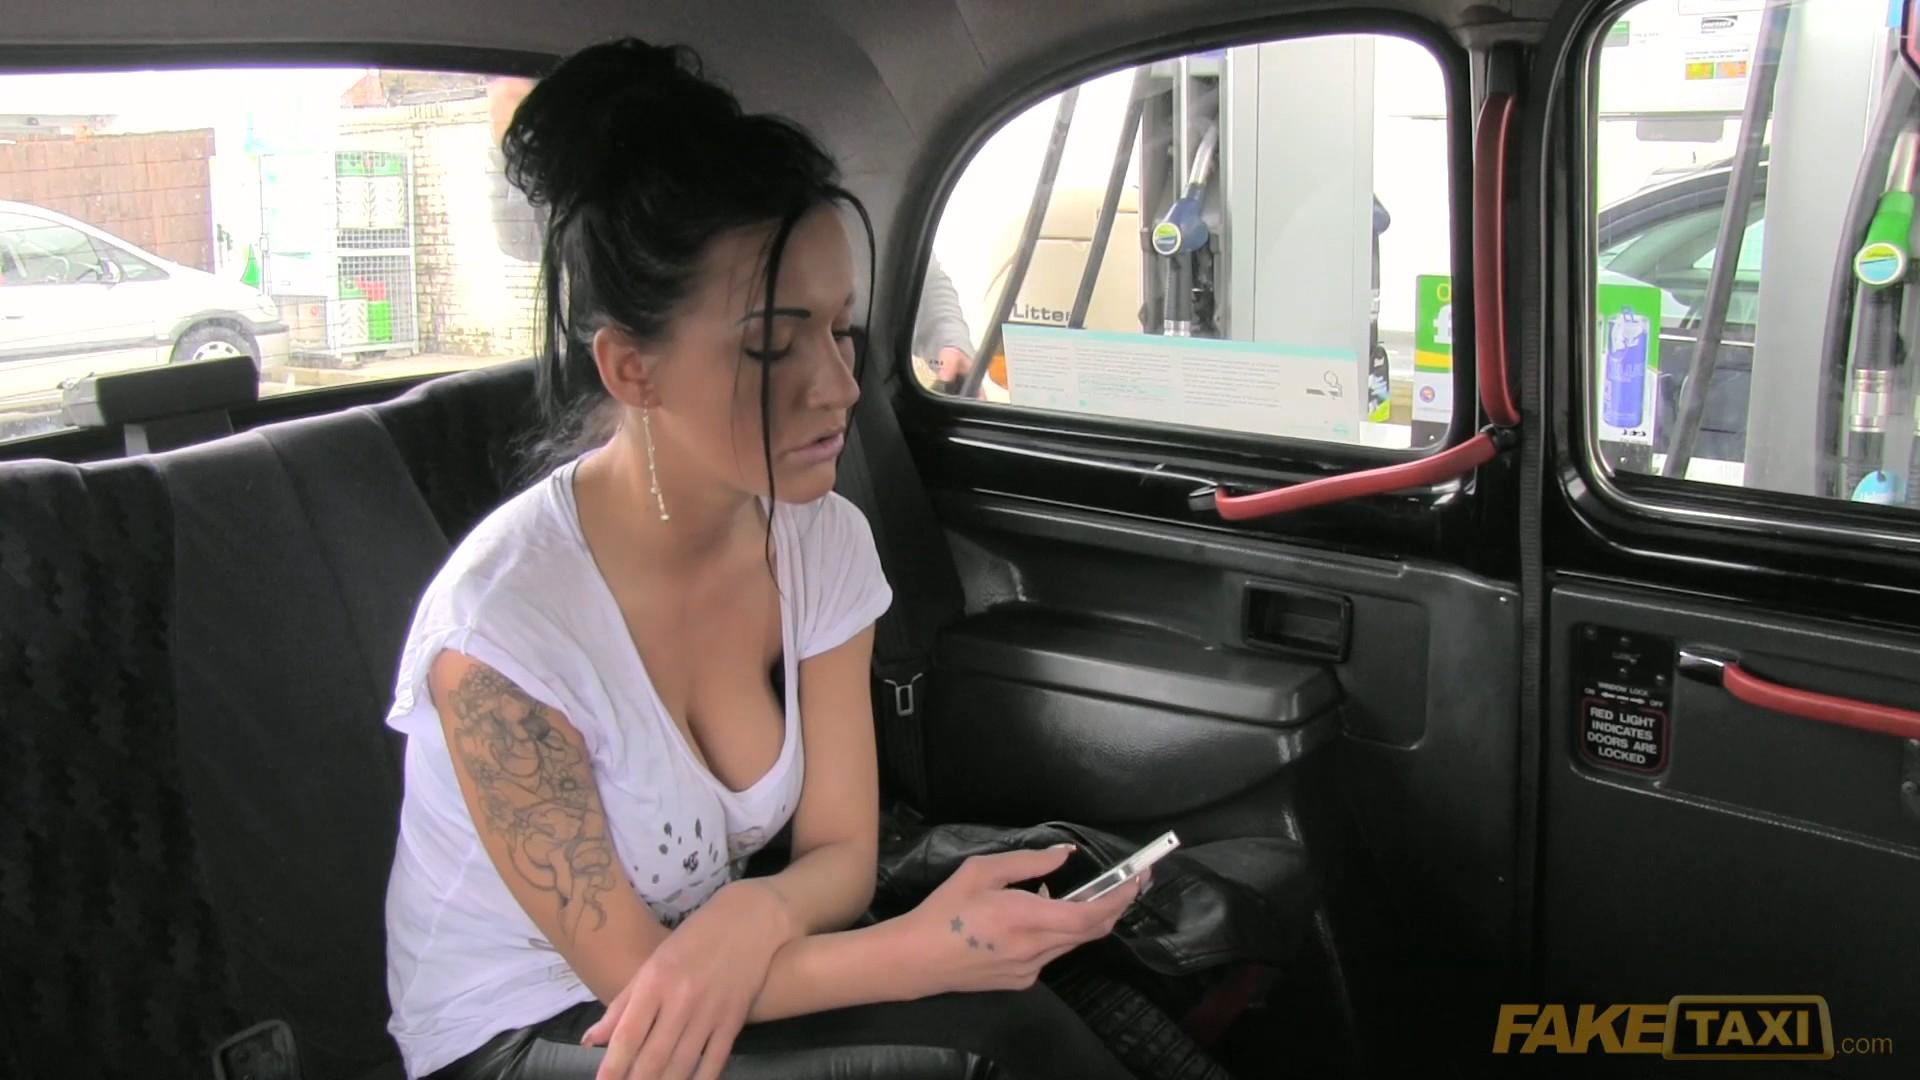 Смотреть порно faketaxi онлайн бесплатно 9 фотография